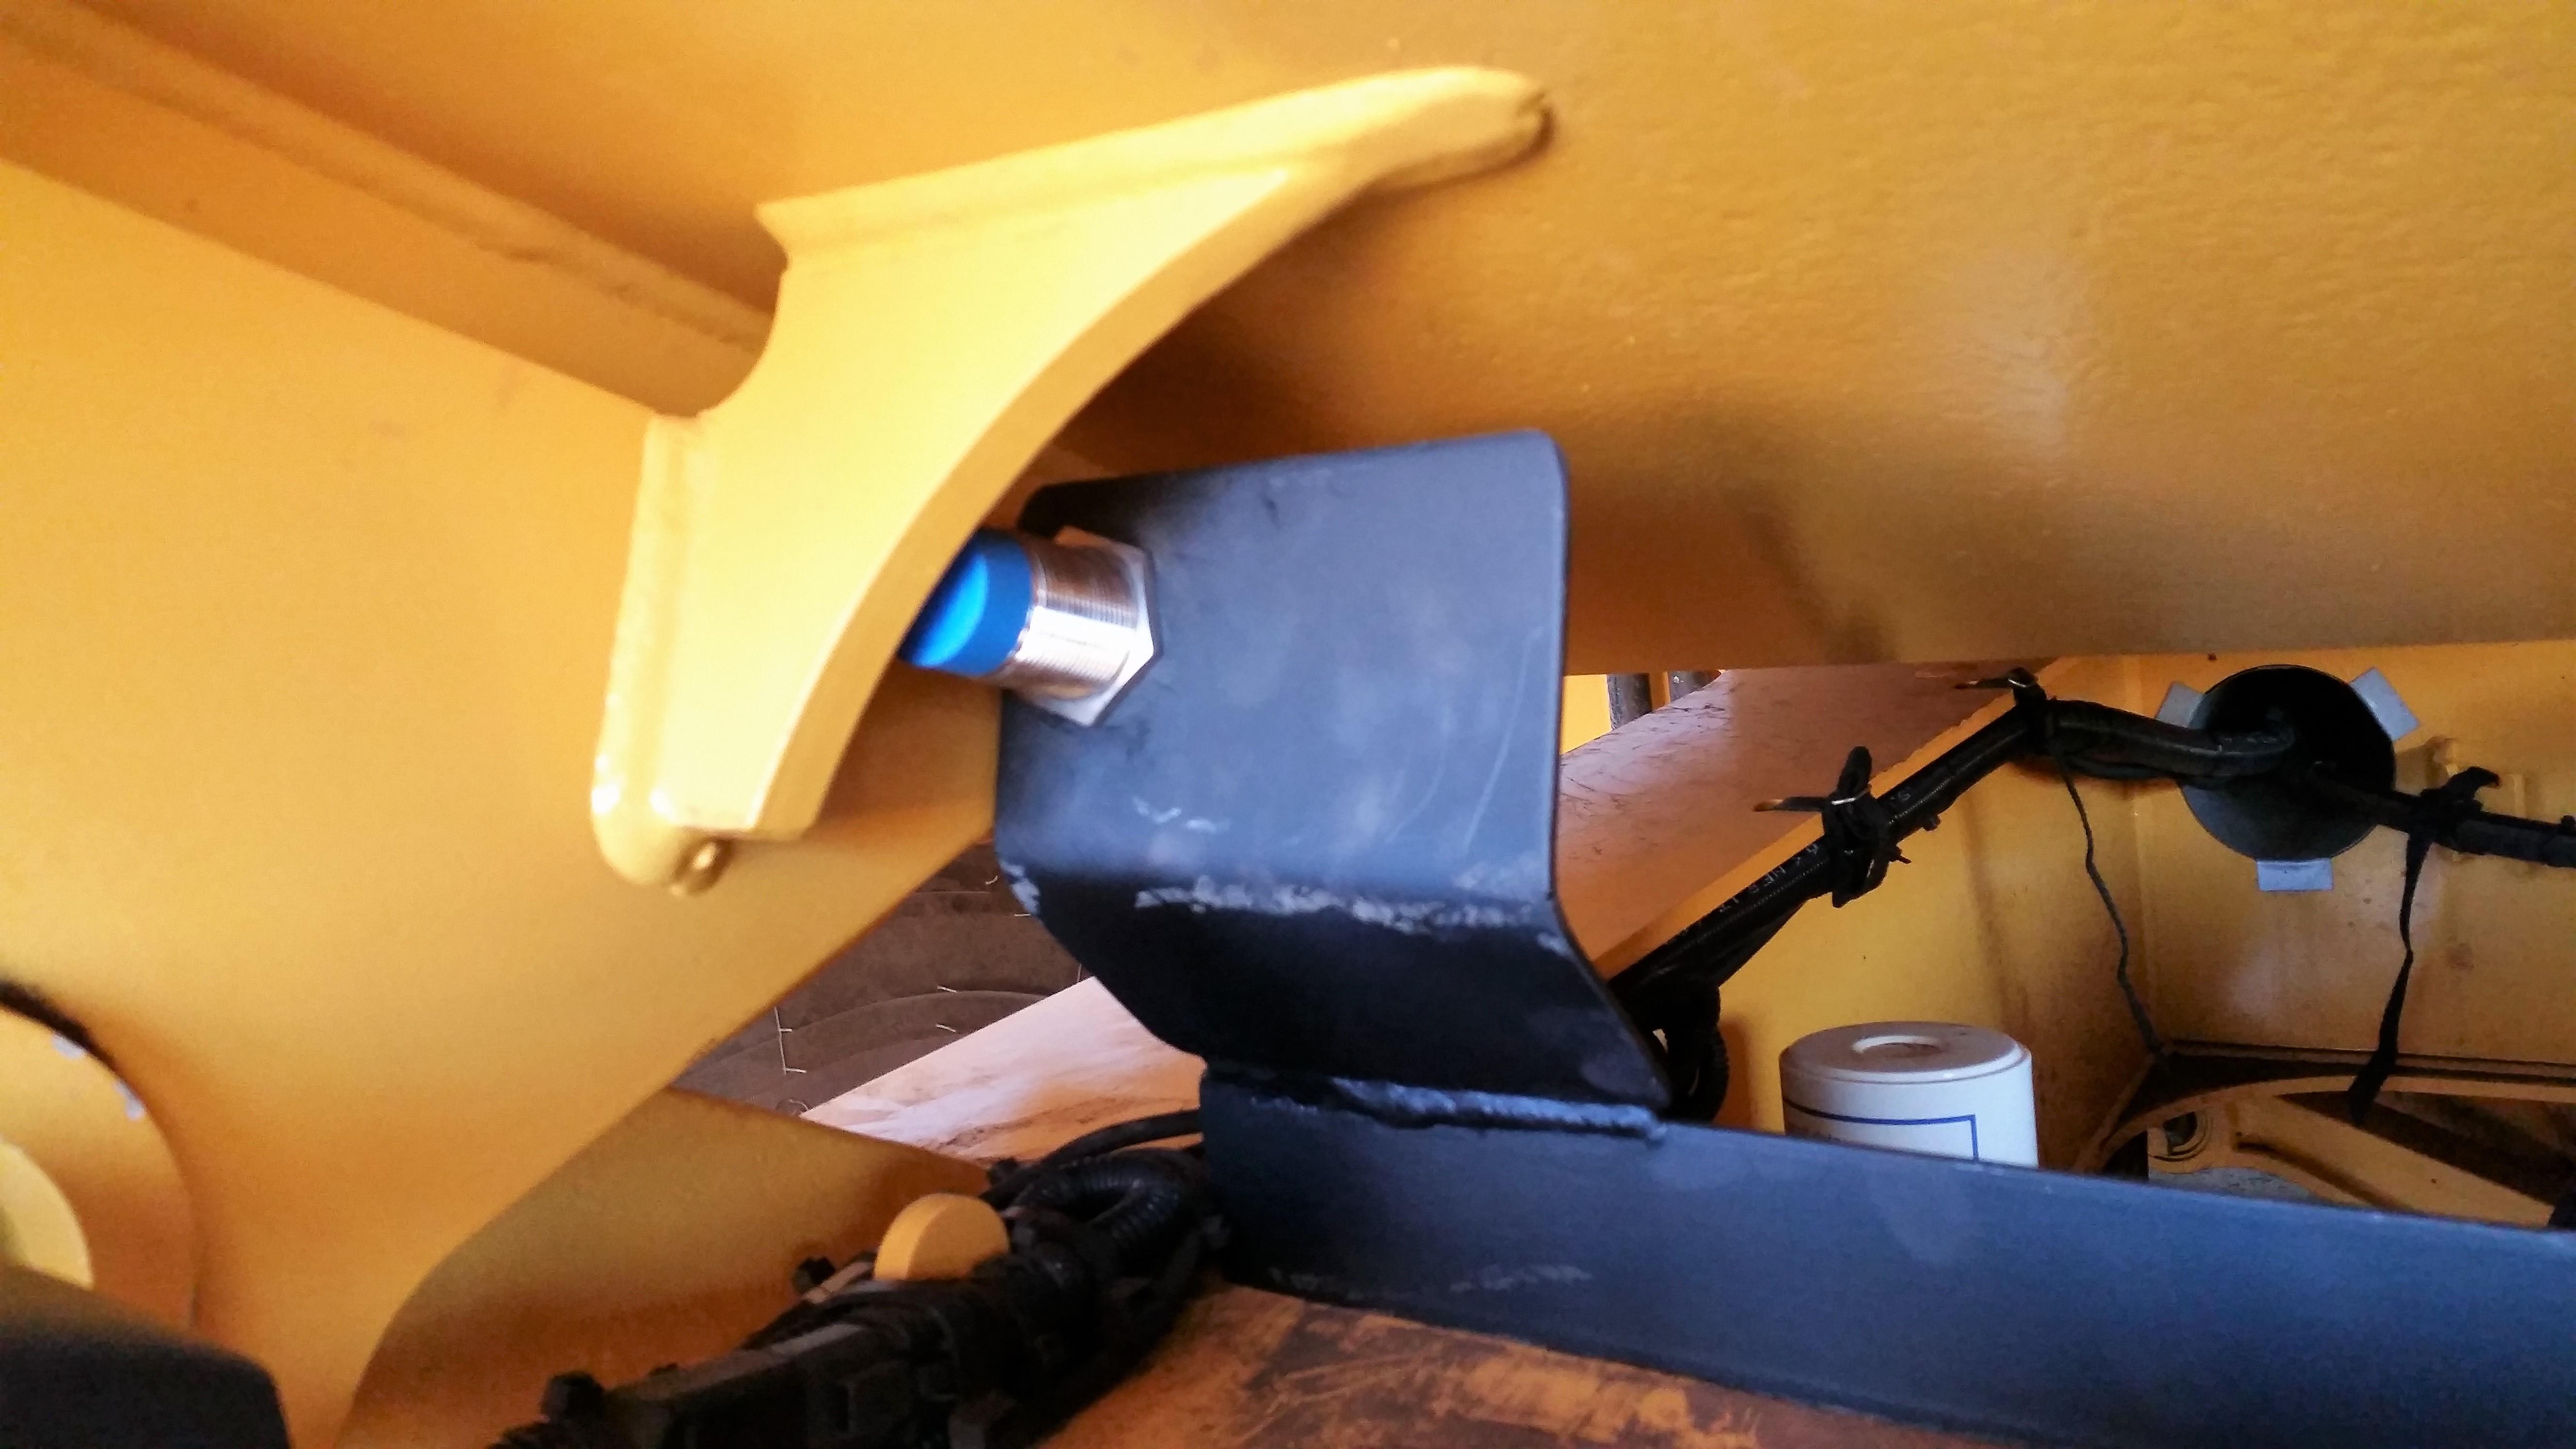 Sensor de bascula alta instalado em caminhão fora de estrada com o inclinômetro COG MSO Basculante Vibracon